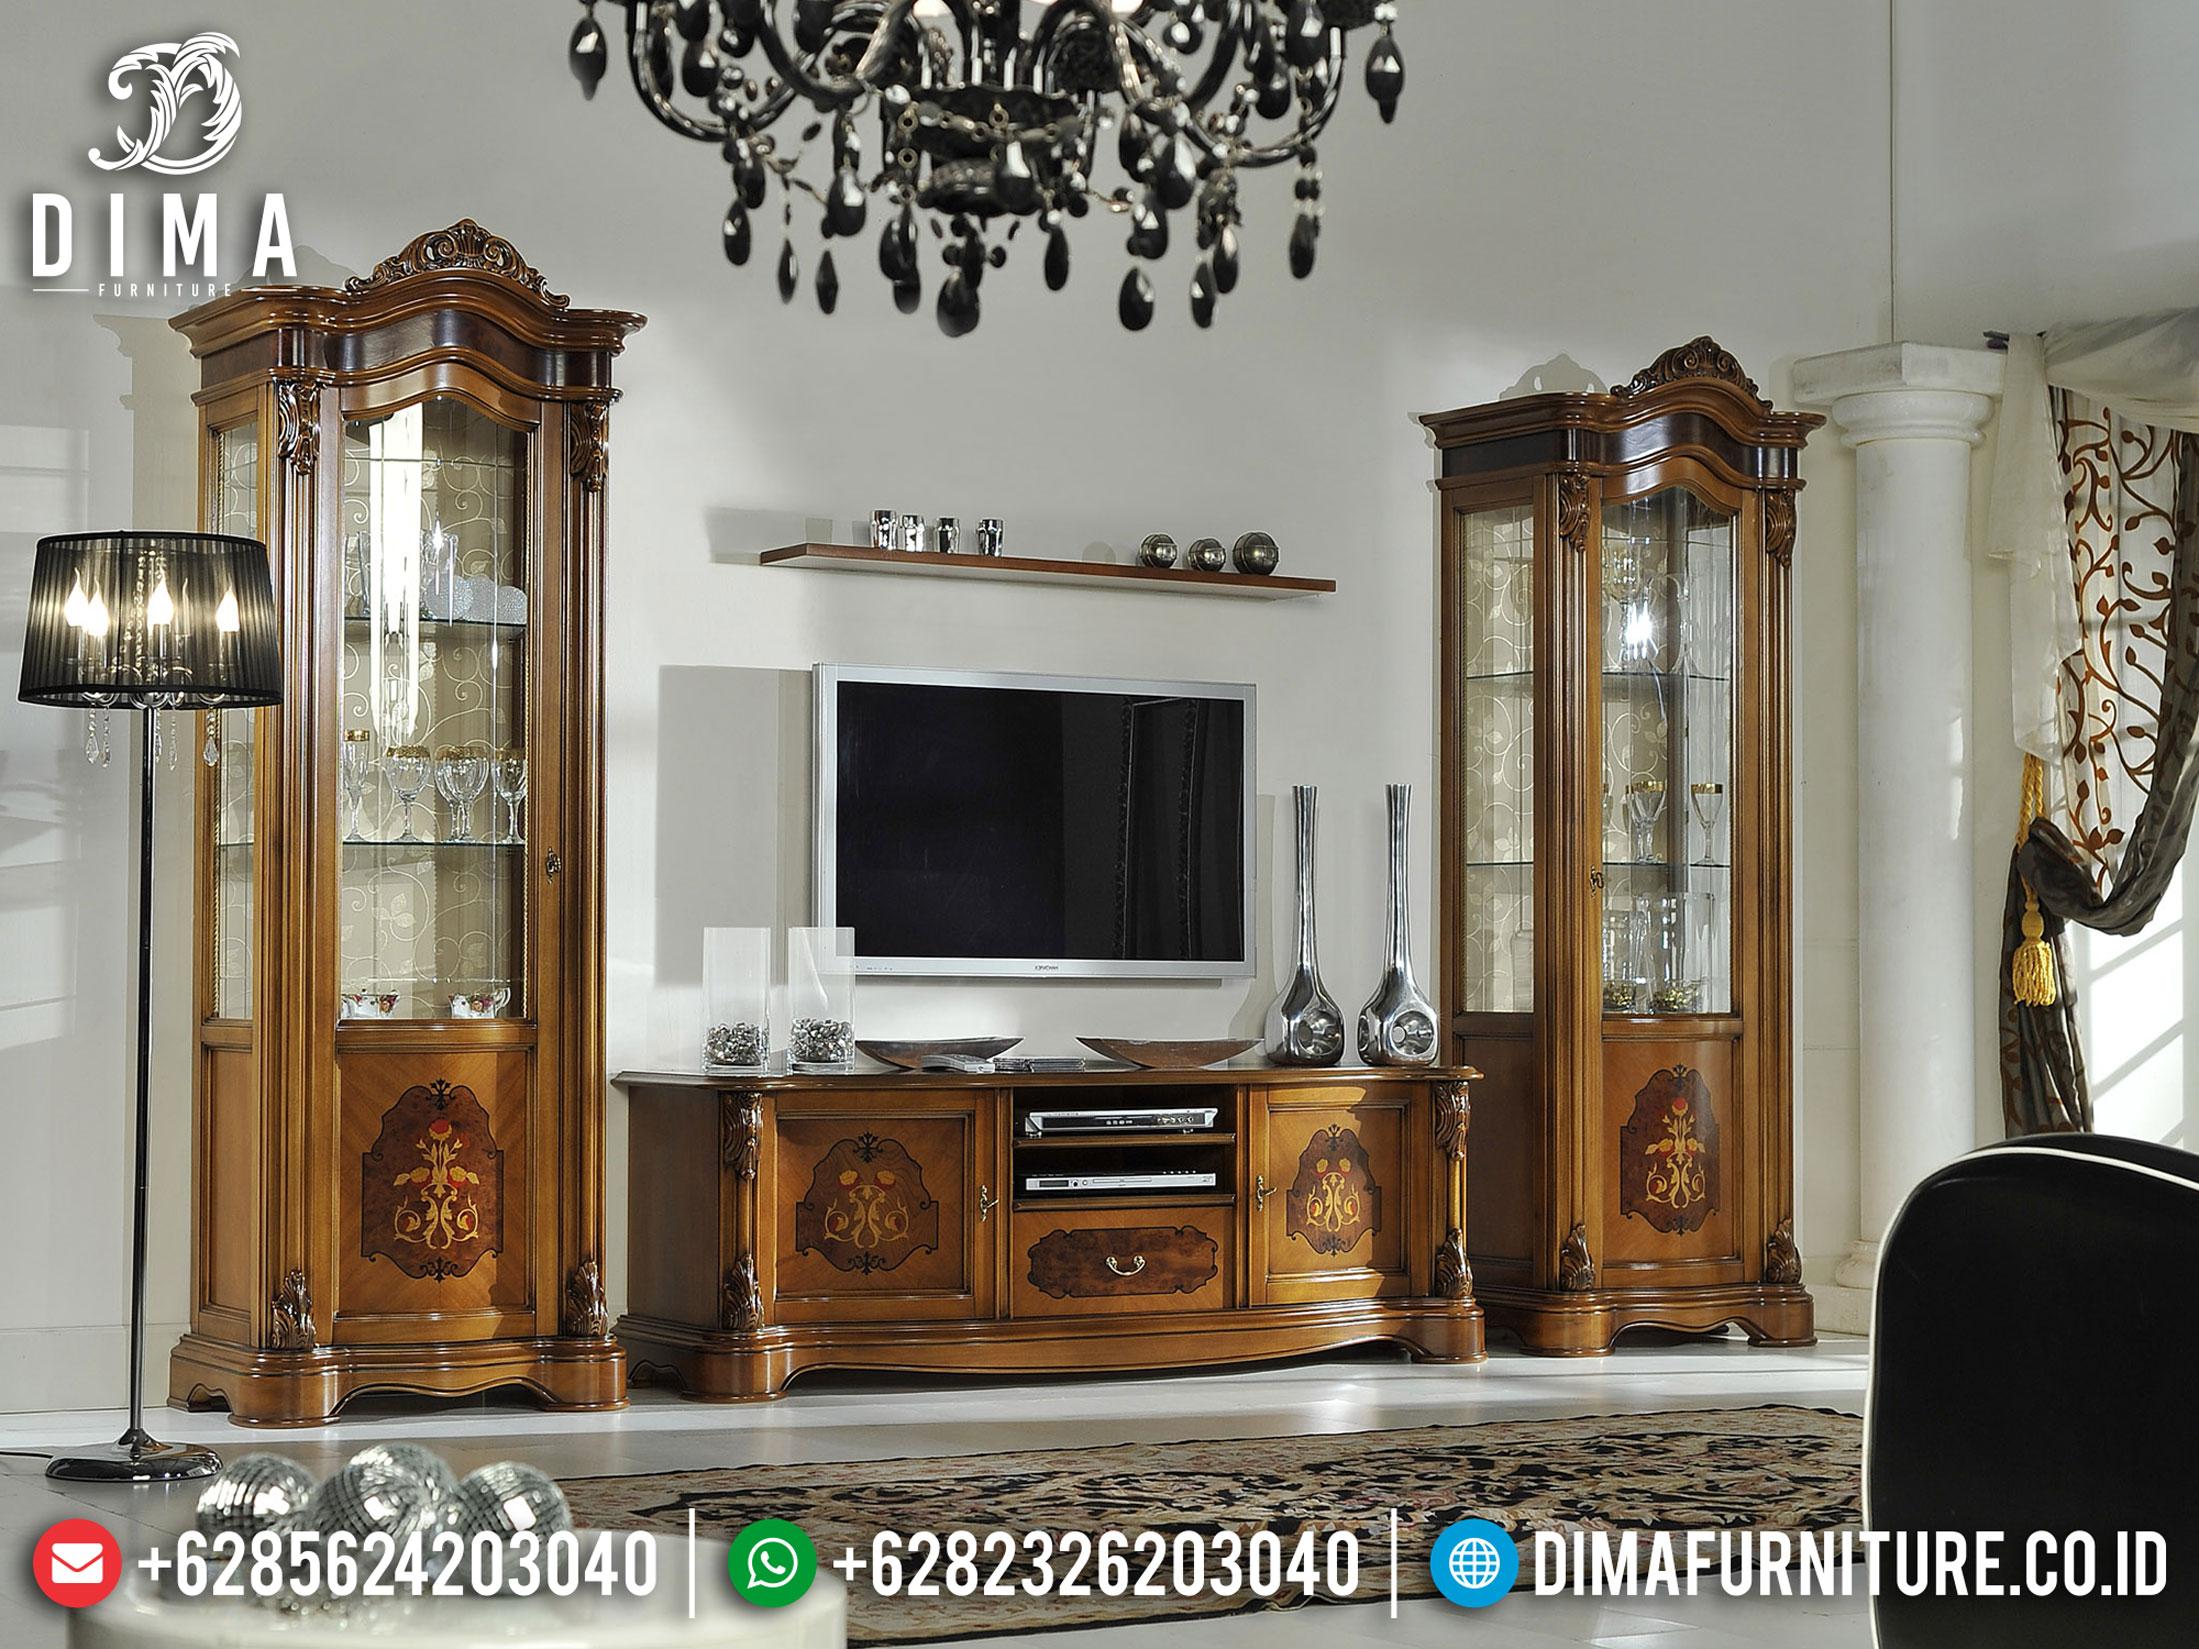 New Bufet TV Mewah Ukiran Elegant Luxury Furniture Jepara Terbaru BT-0872